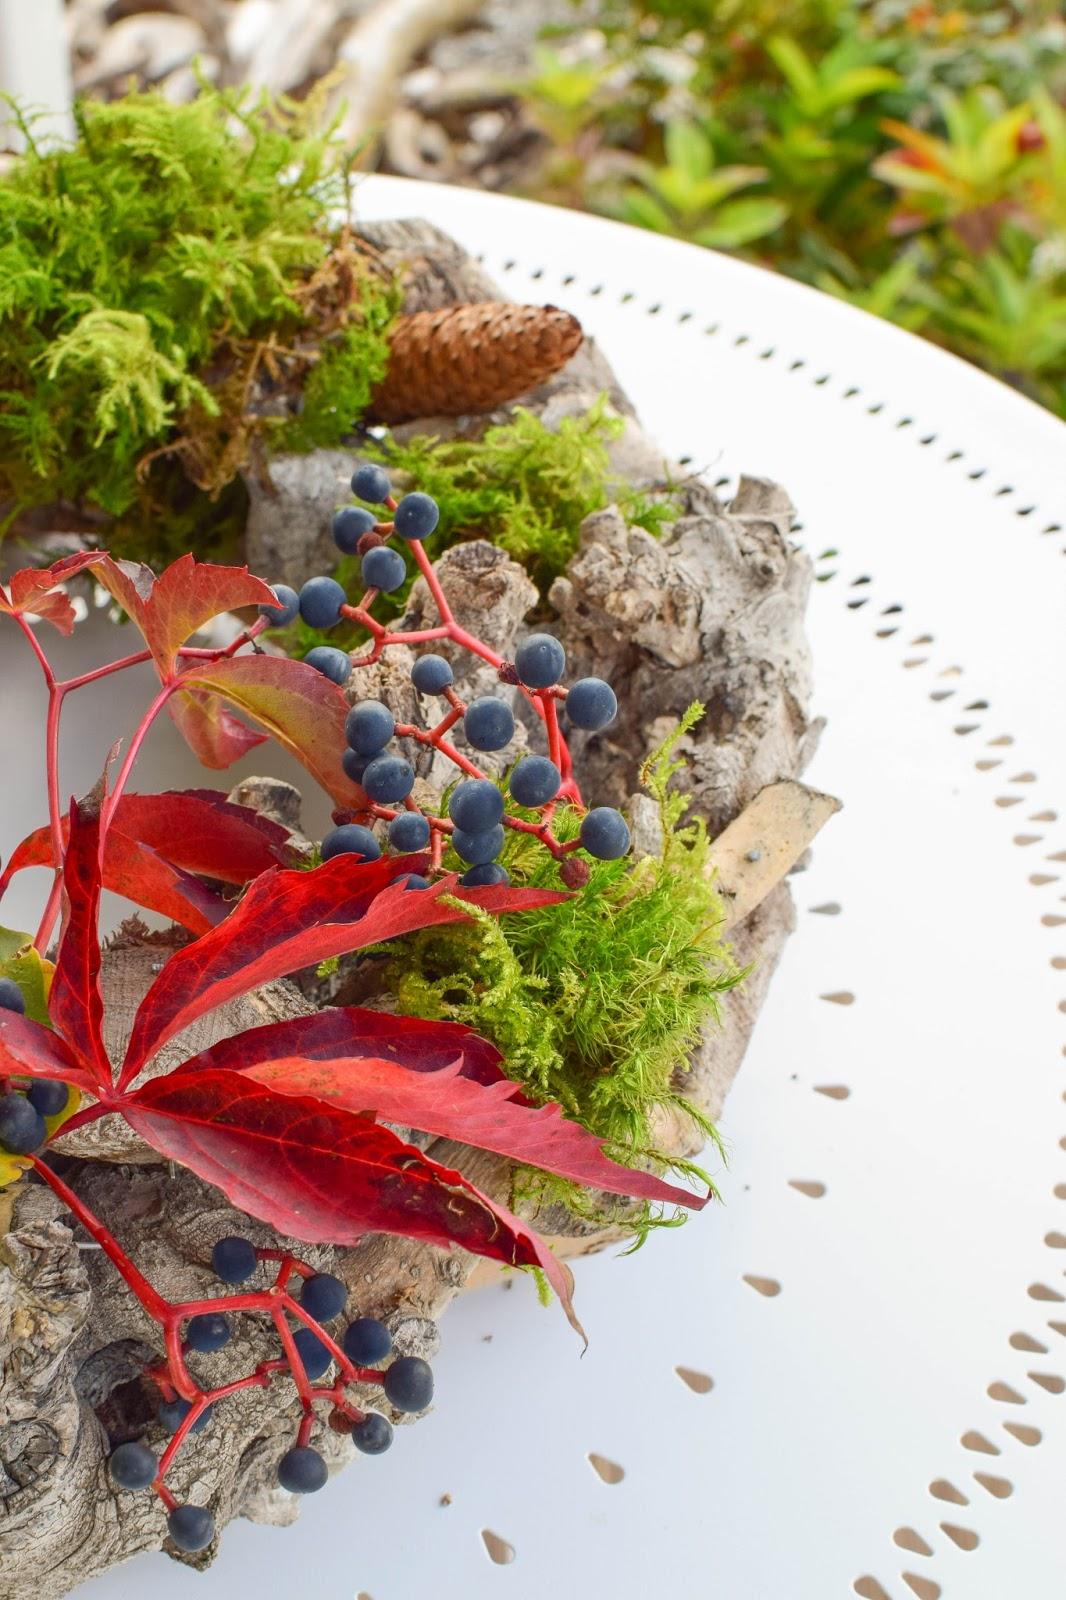 3 Ideen für DIY Kränze für den Herbst: selbermachen Holzkranz Naturdeko Weinrebe Tannenzapfen Moos Eichenlaub